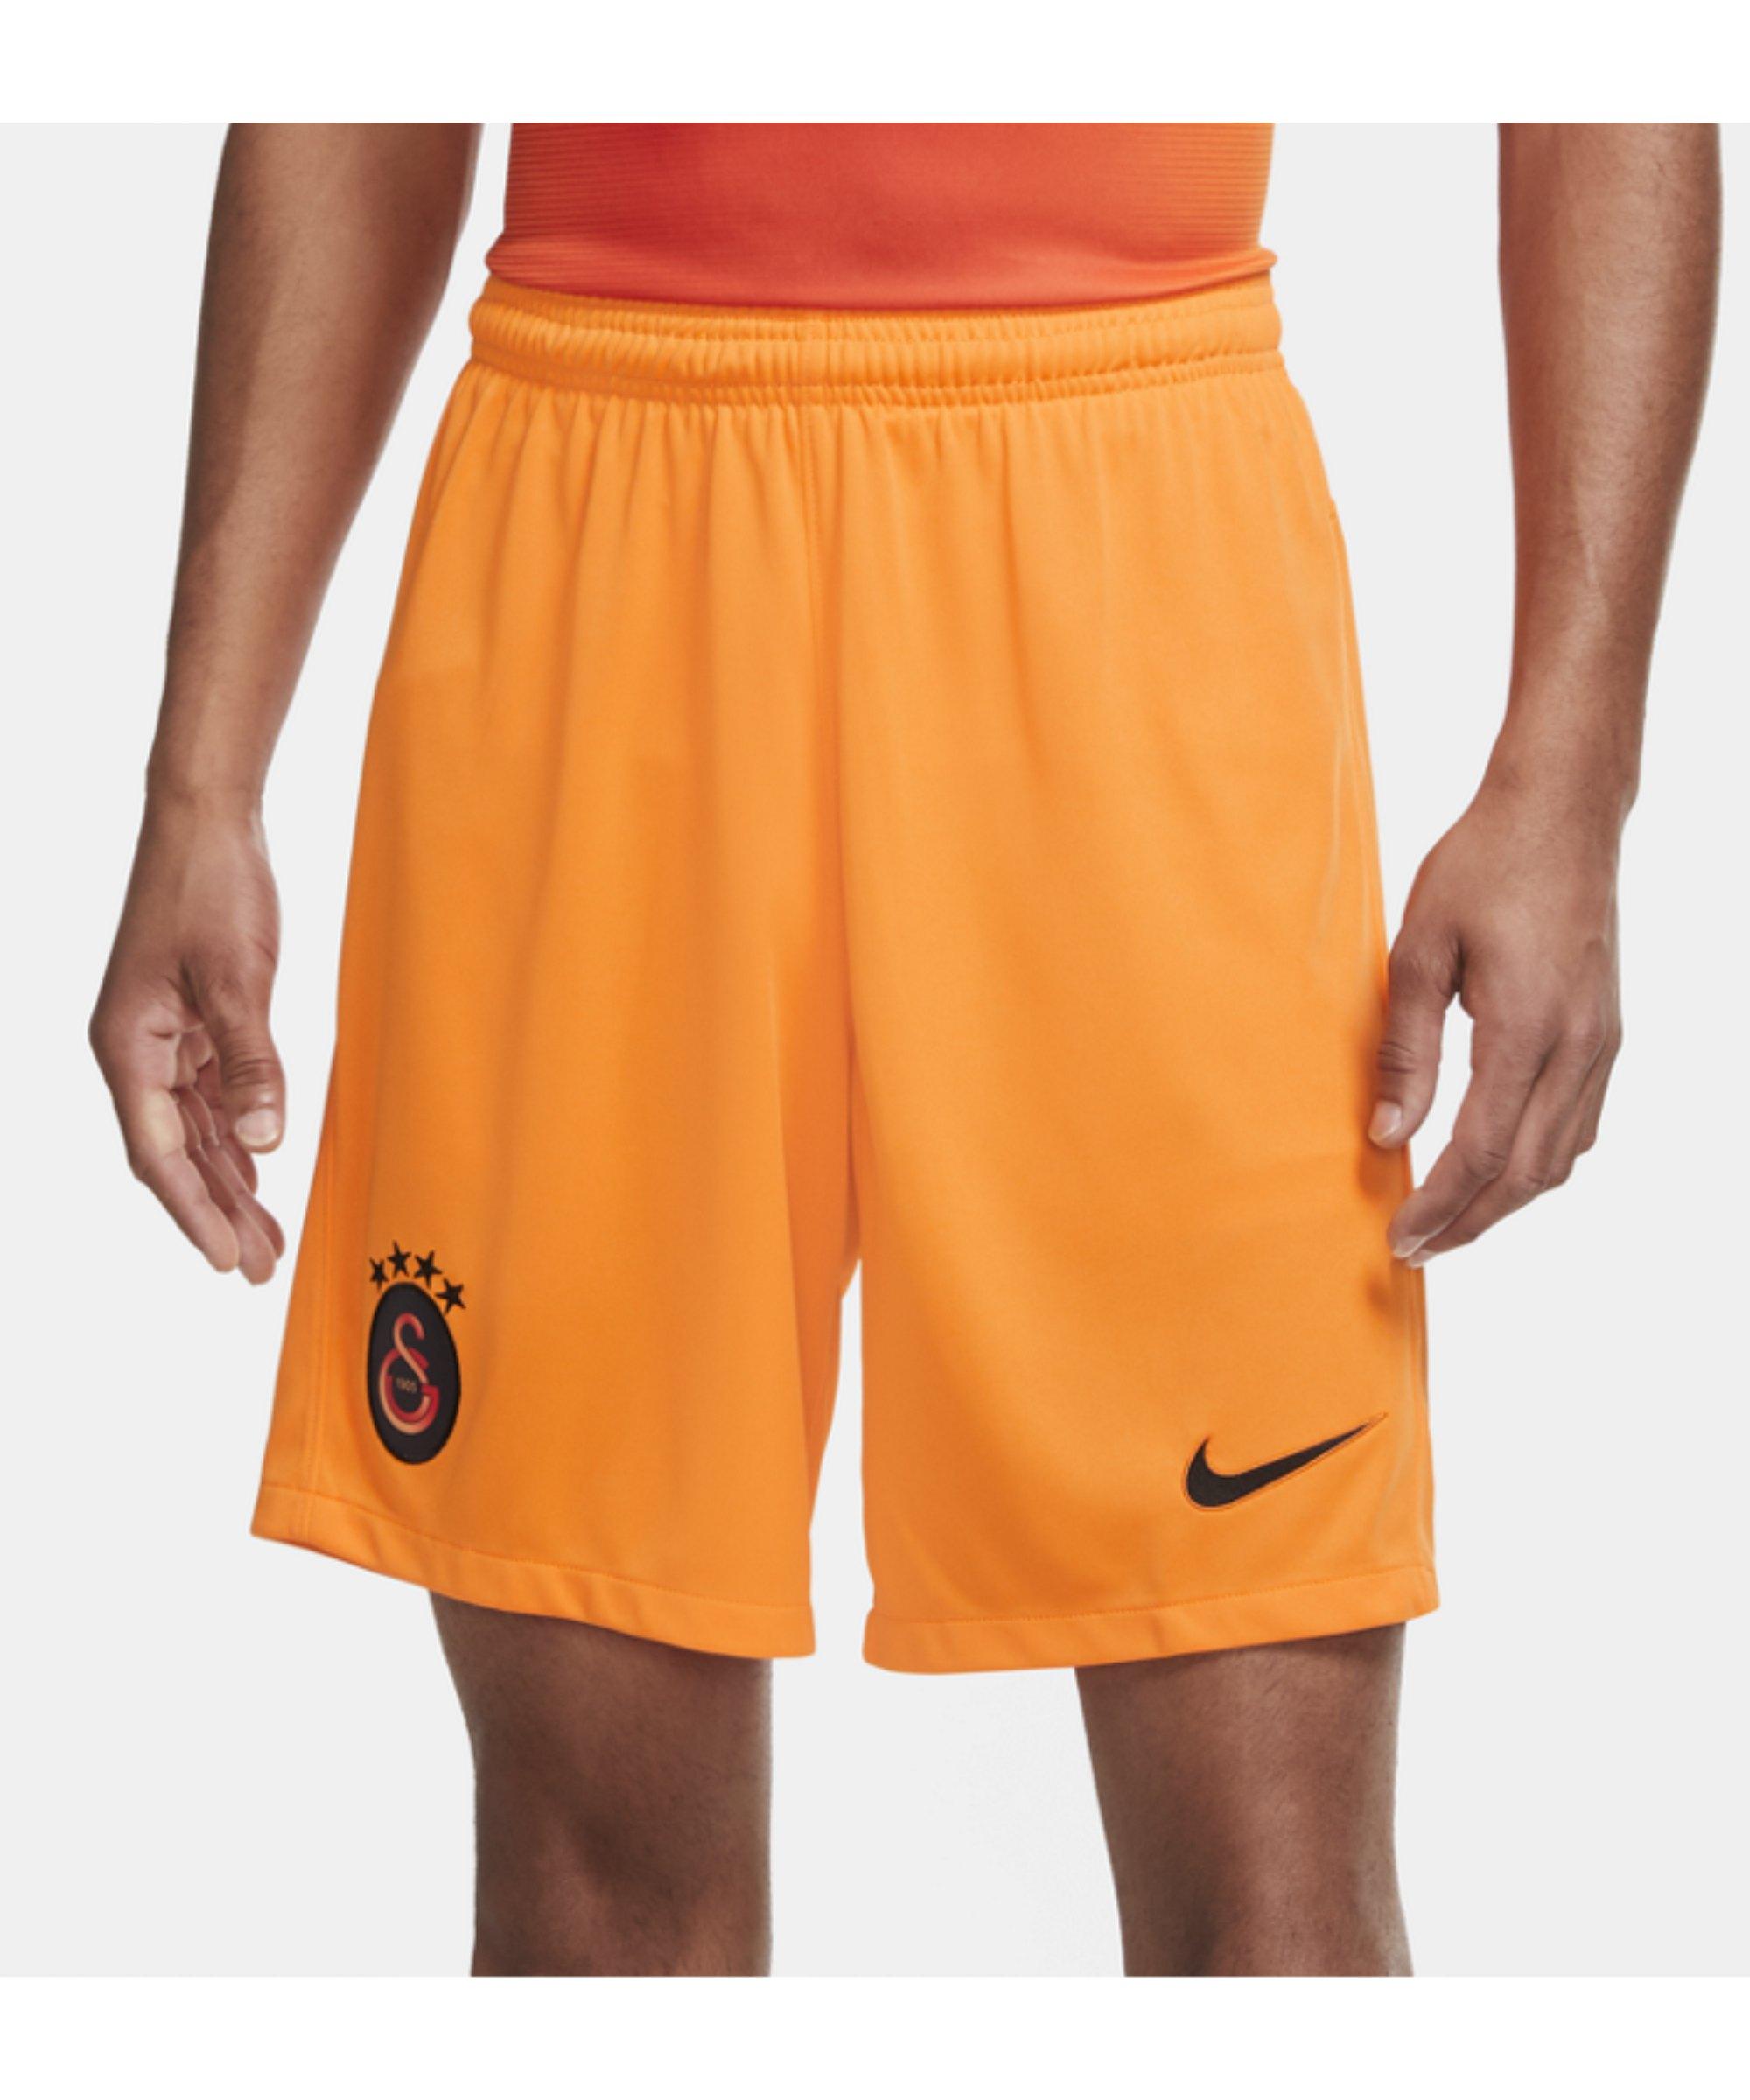 Nike Galatasaray Istanbul Short 3rd 2020/2021 Orange F836 - orange